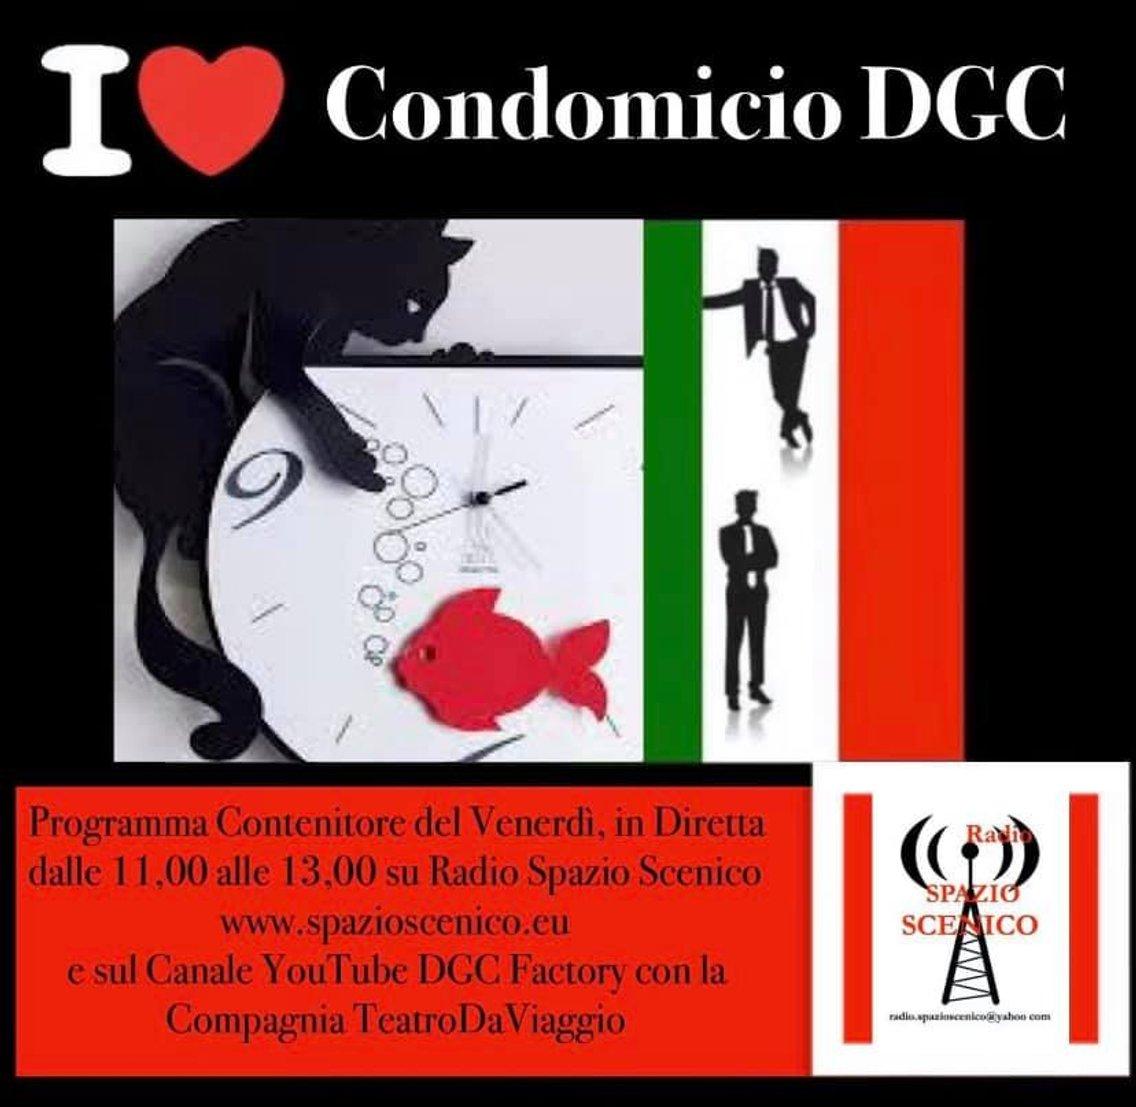 Condomicio DGC - Cover Image